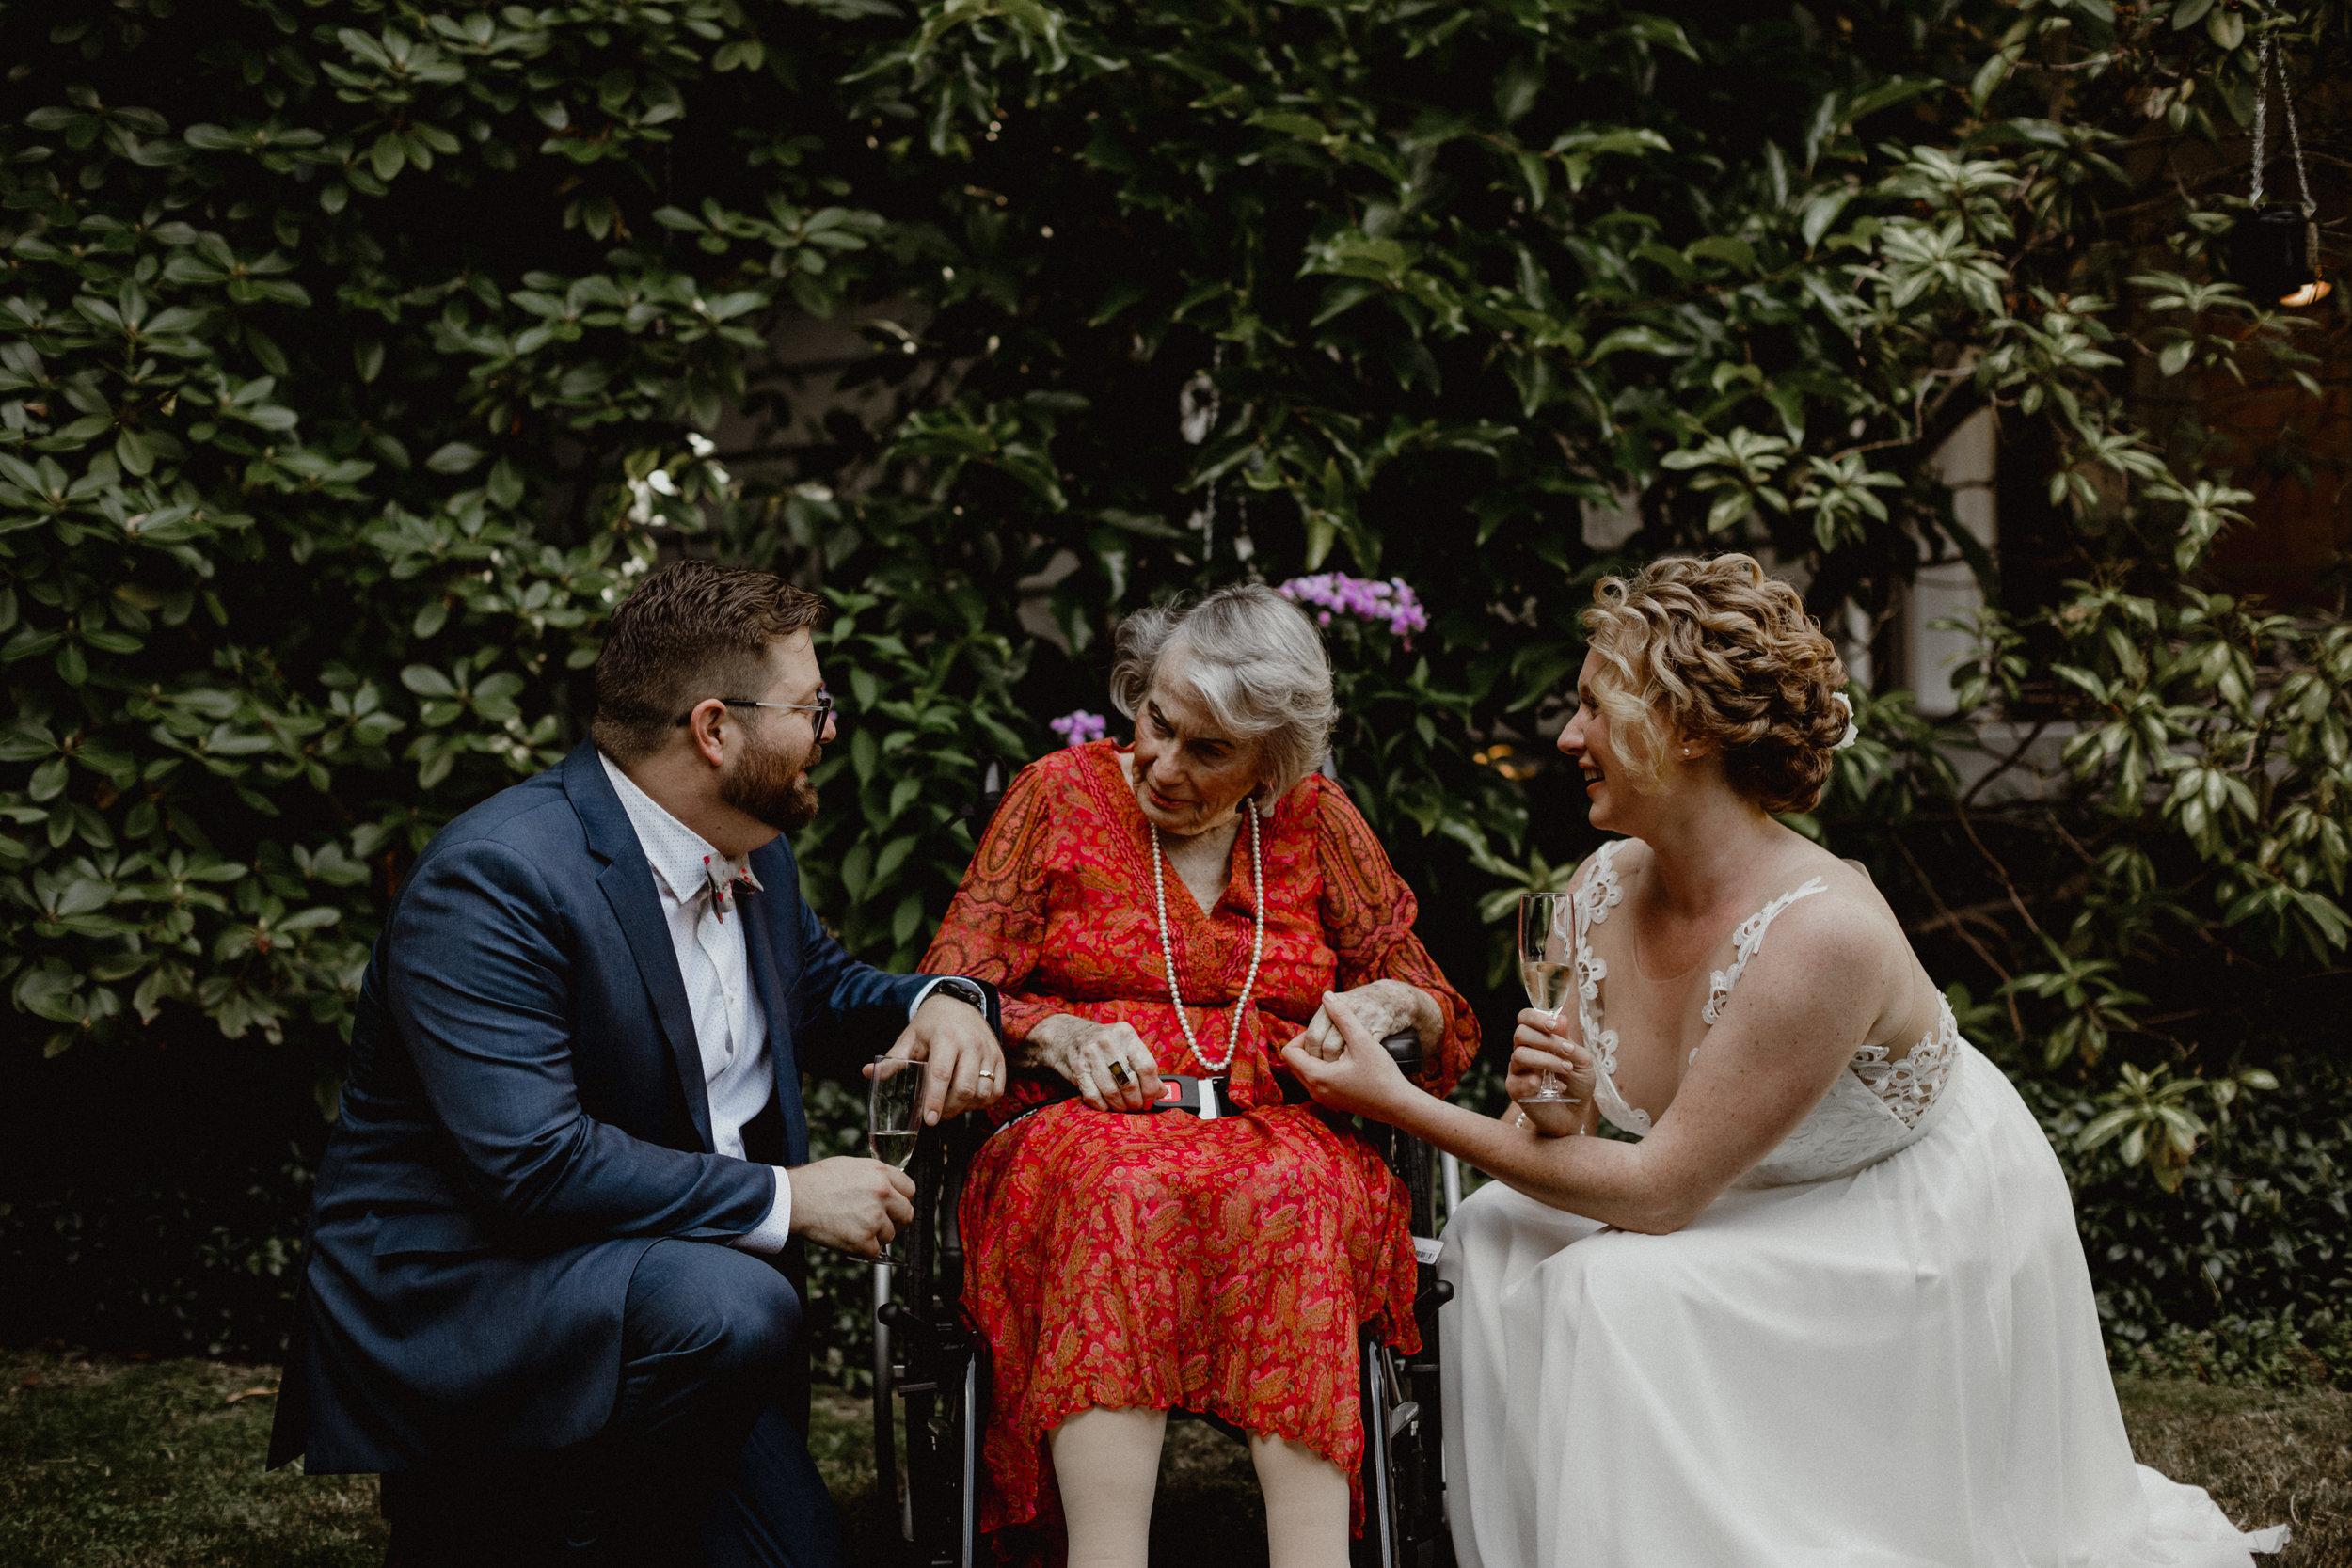 west-vancouver-backyard-wedding-155.jpg